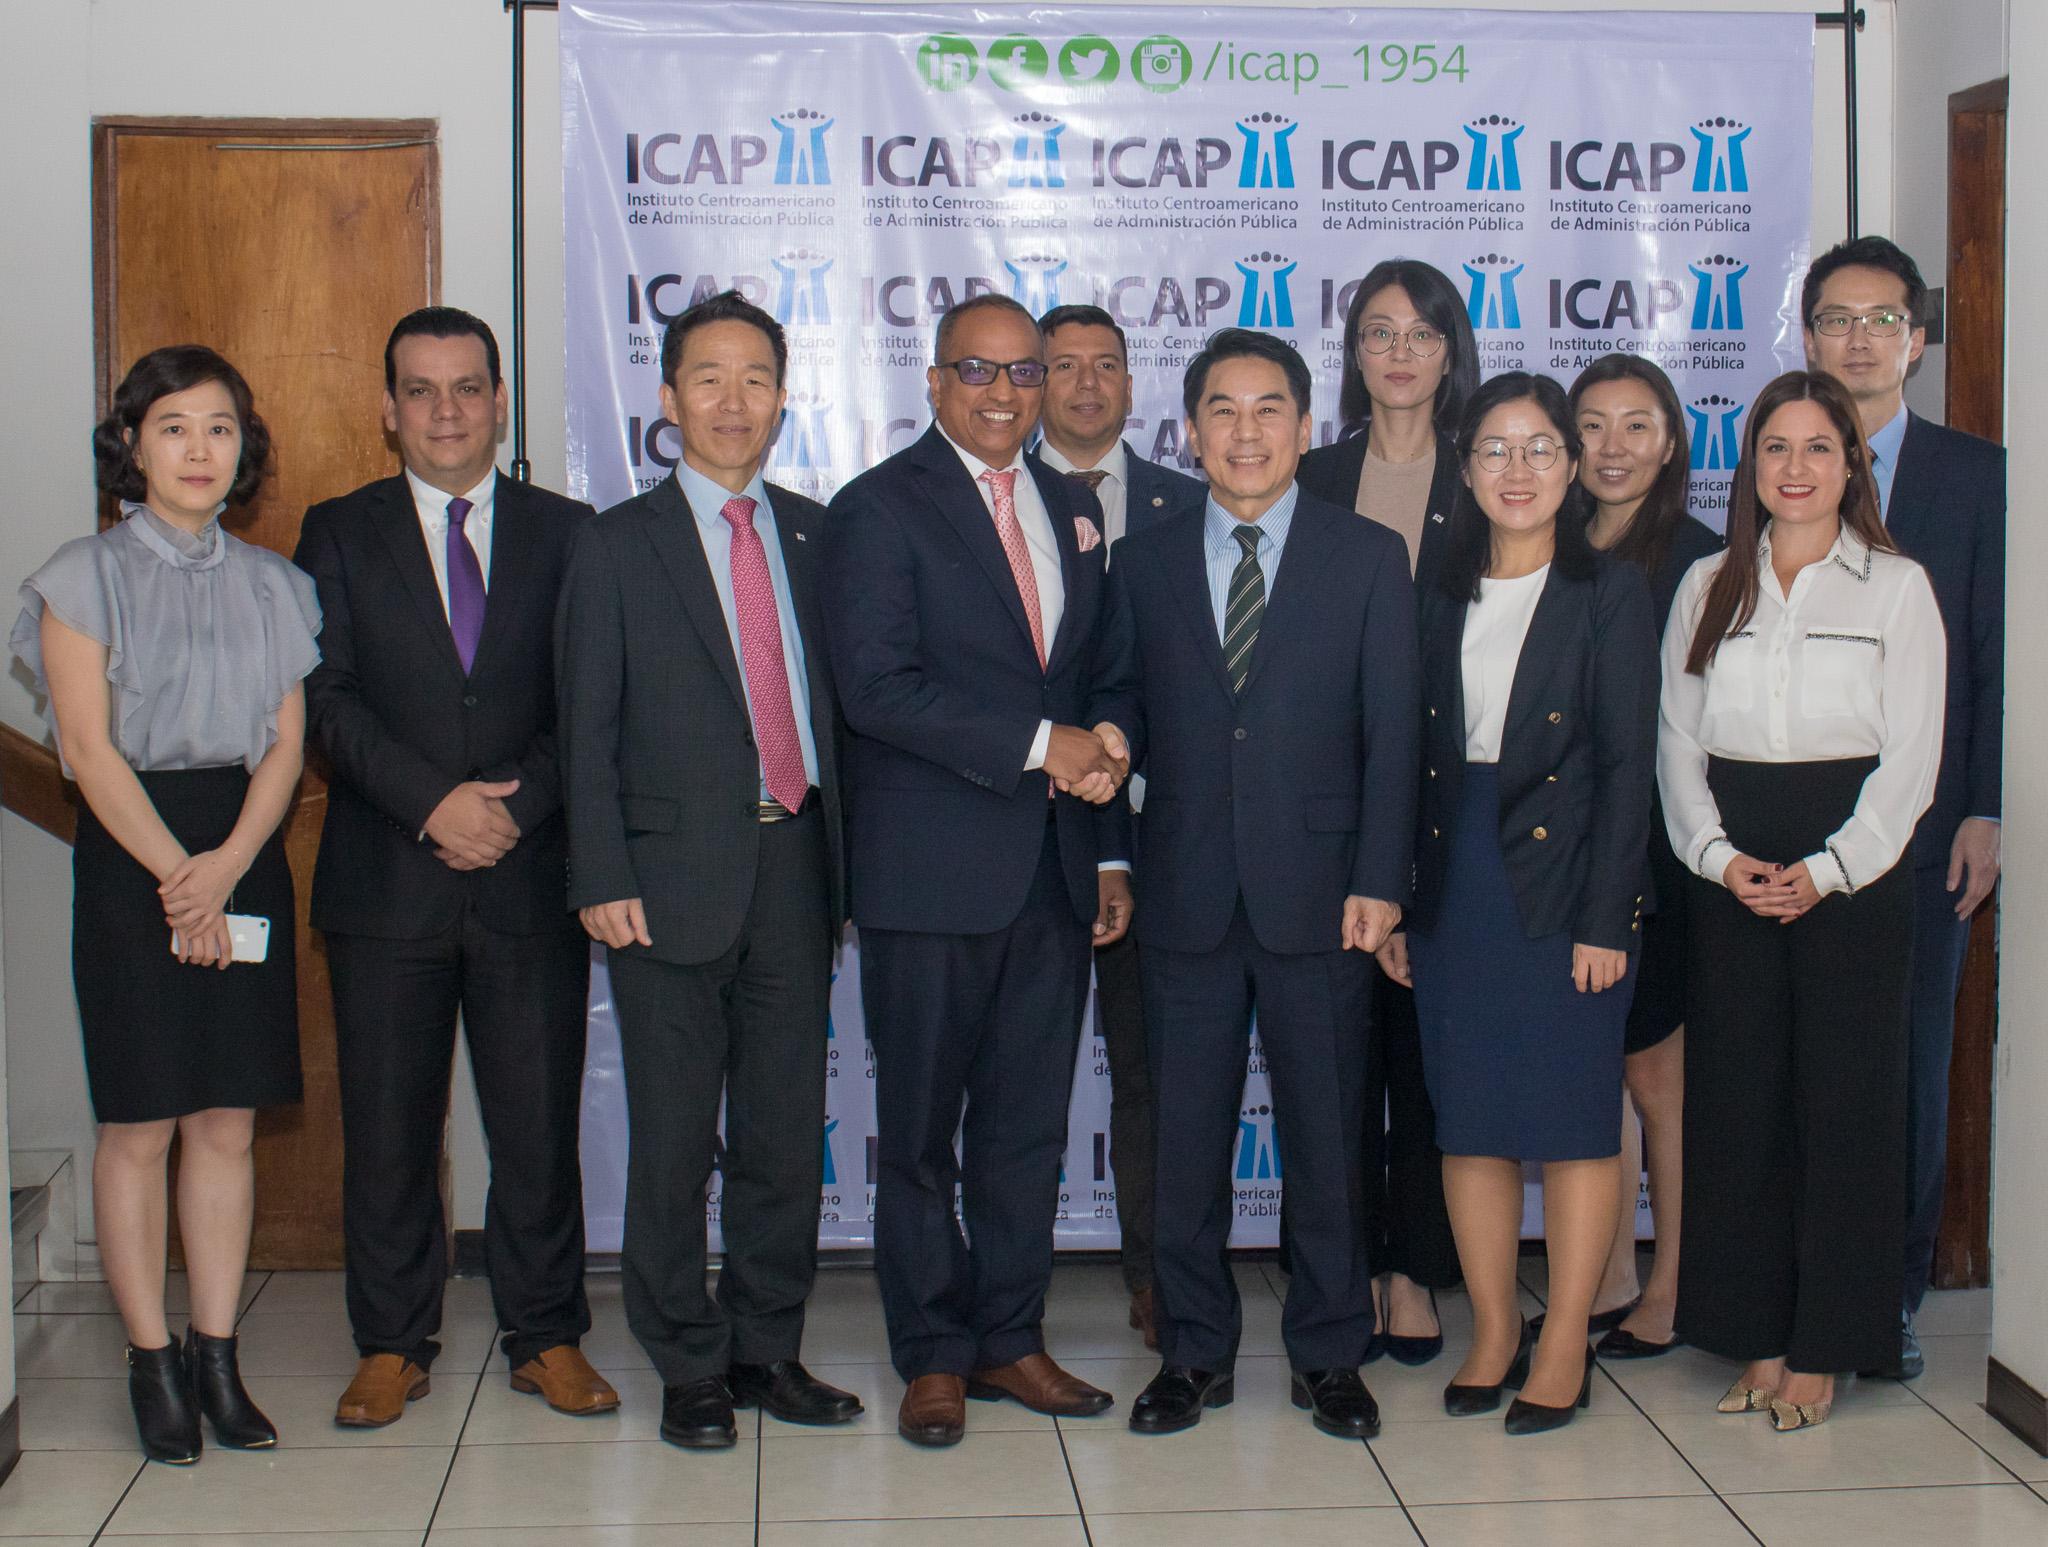 ICAP participará en el Foro Mundial de Naciones Unidas sobre Administración Pública